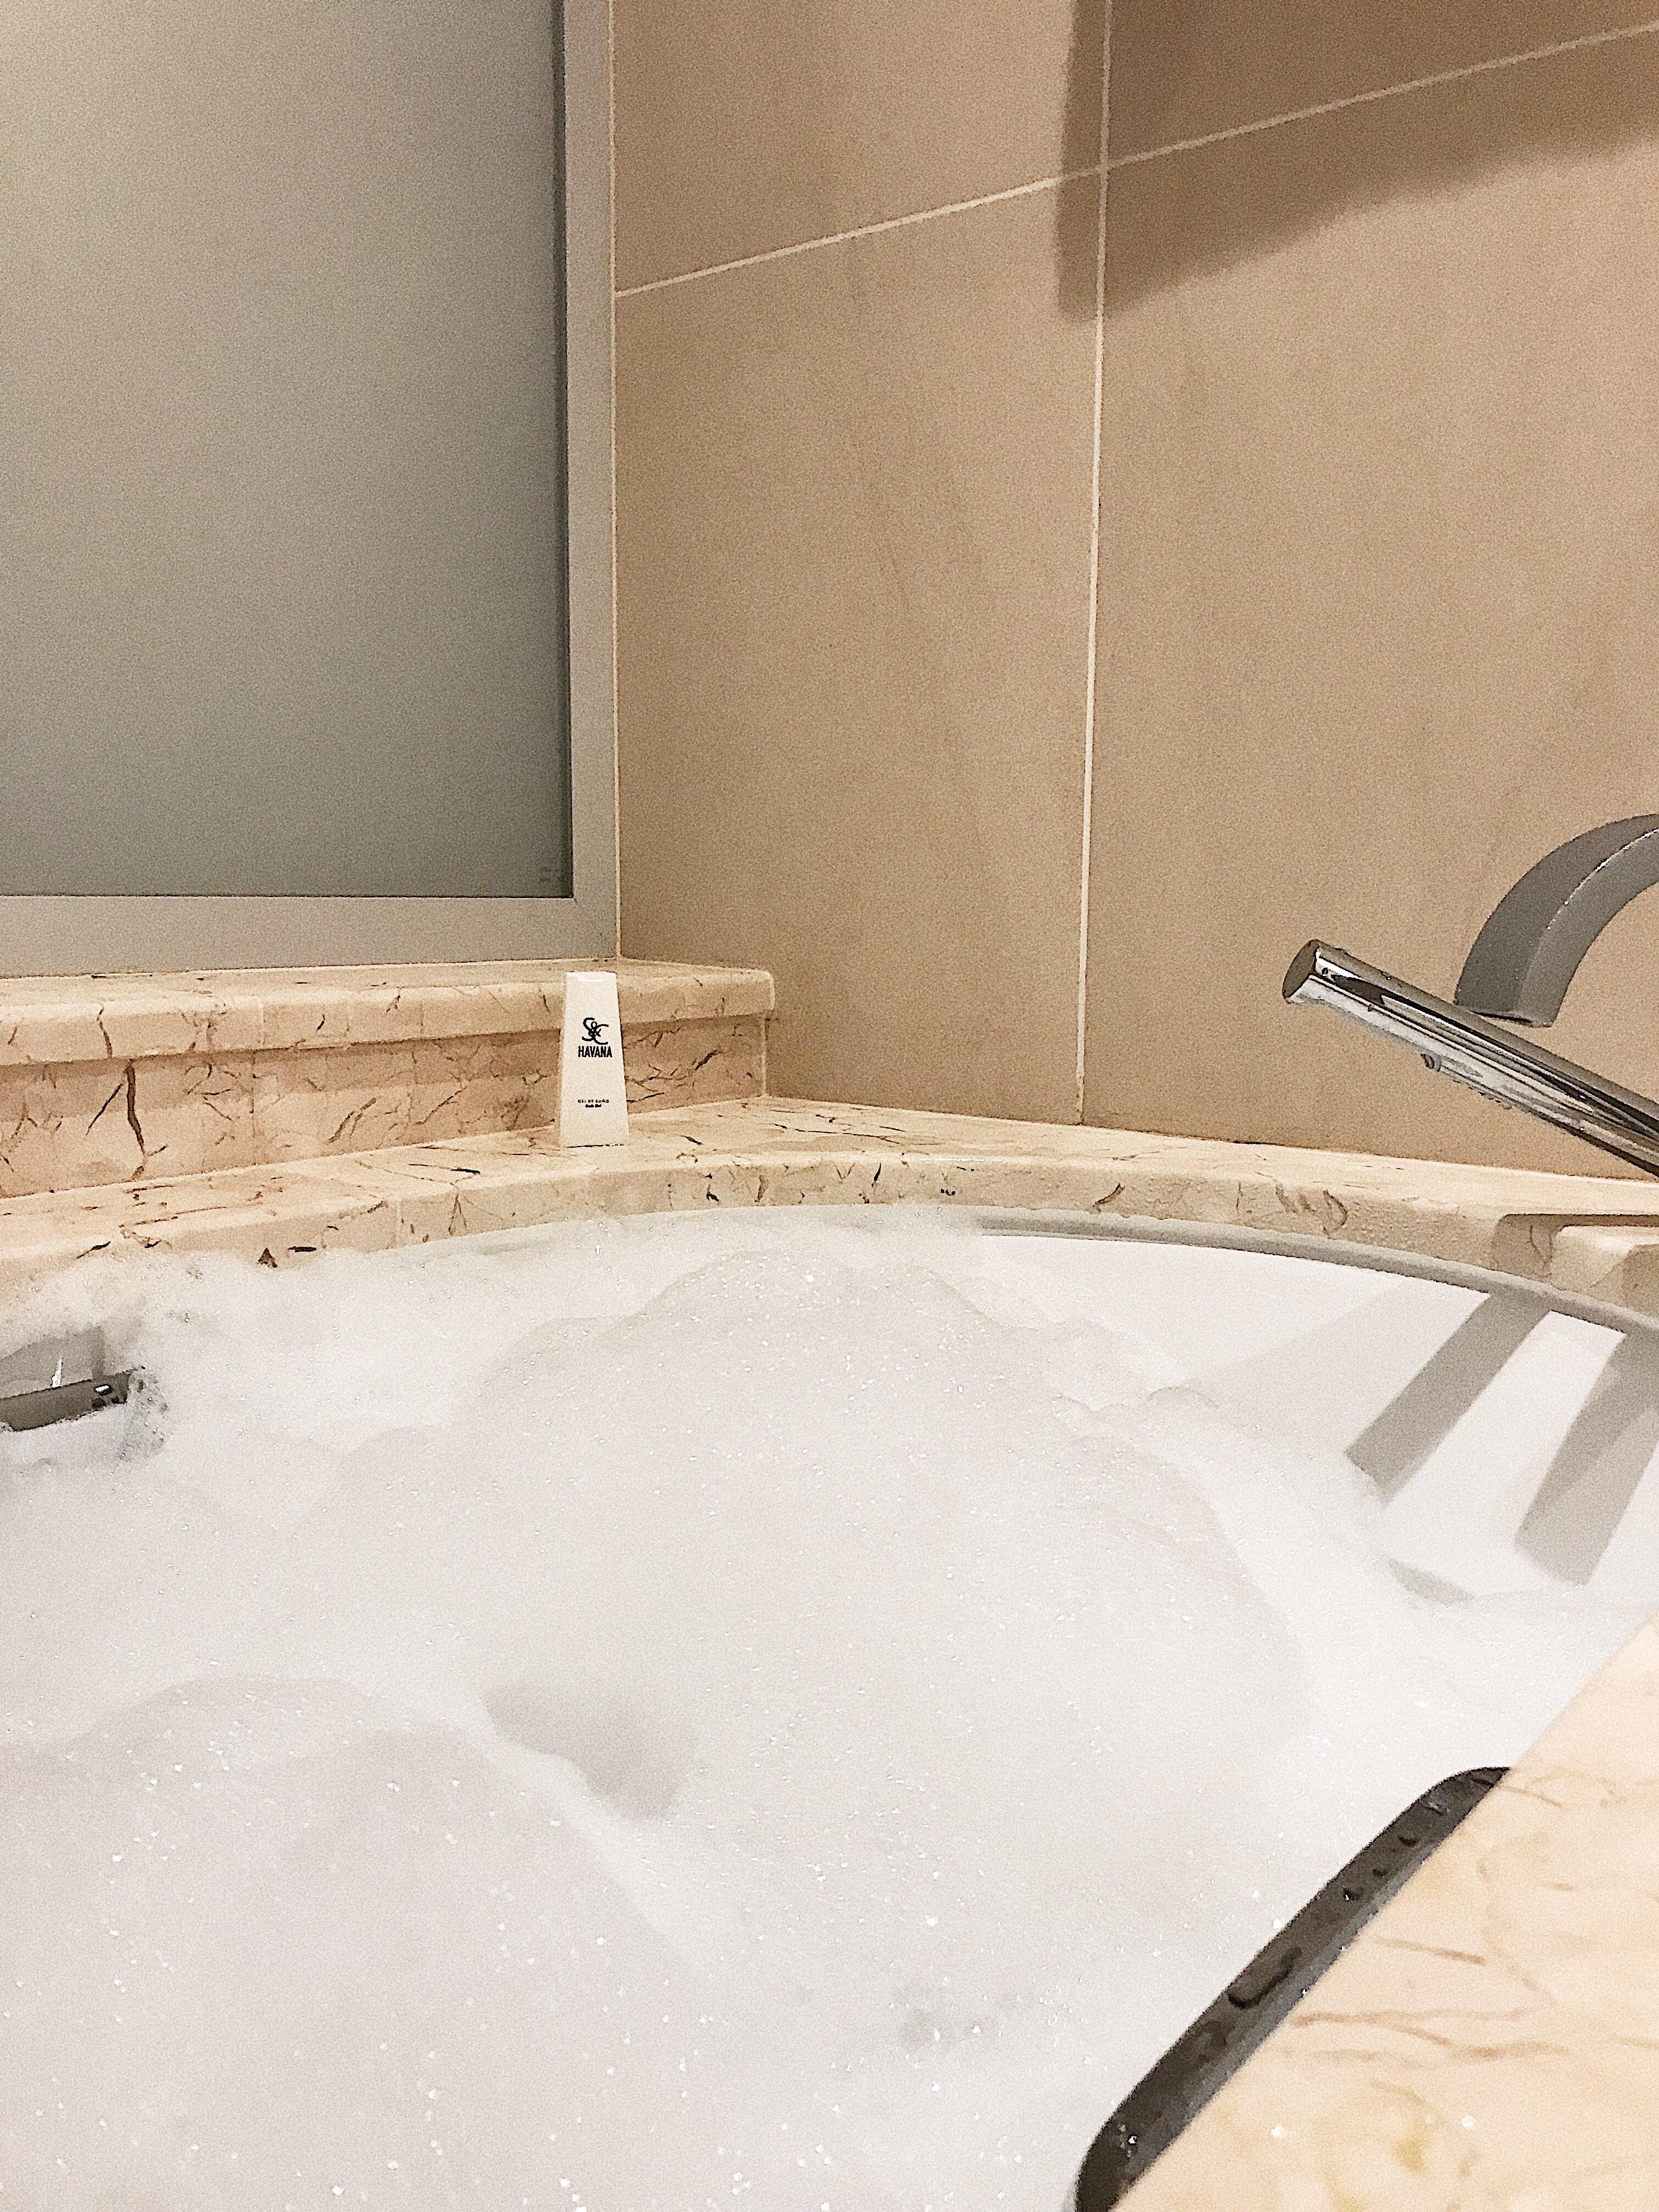 762e0bcf d386 4a46 b6e0 4569a45c2ada - Kempinski Hotel - 2017年オープンのハバナで今1番と言われる五つ星ラグジュアリーホテル